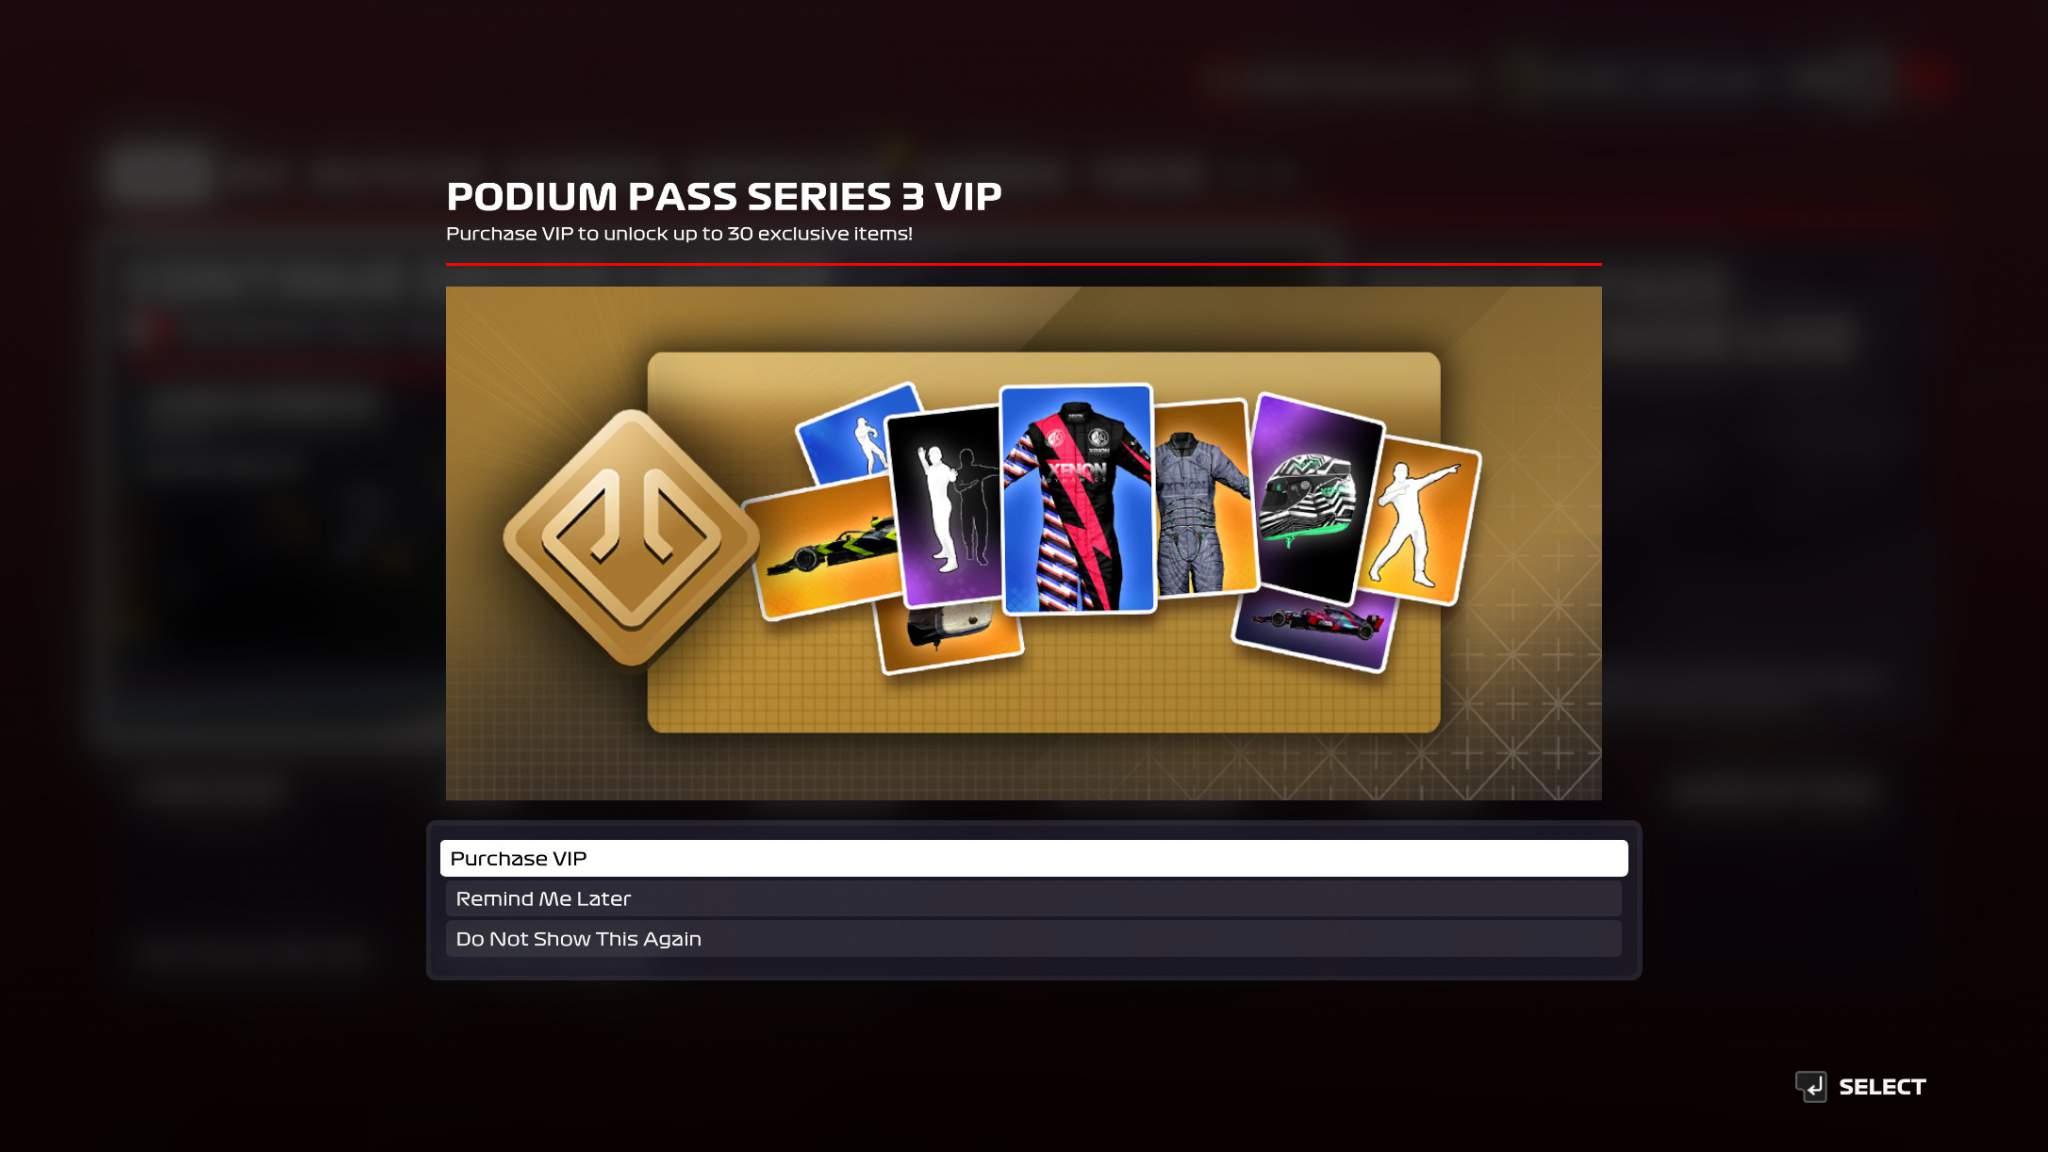 F1 2020 Game Podium Pass Pic